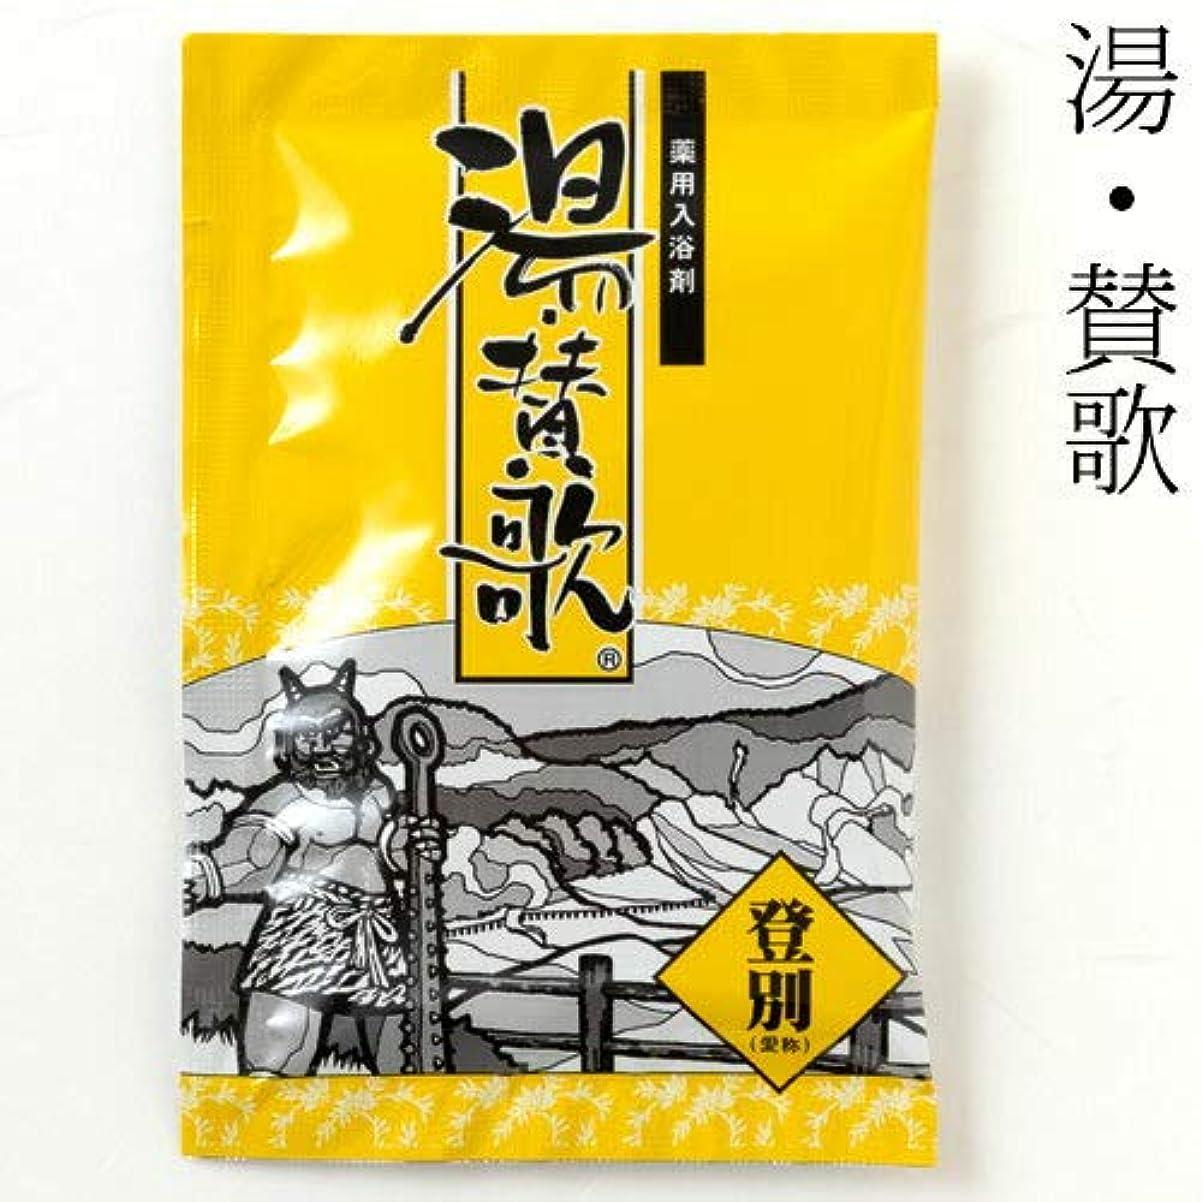 手段バレルブリリアント入浴剤湯?賛歌登別1包石川県のお風呂グッズBath additive, Ishikawa craft